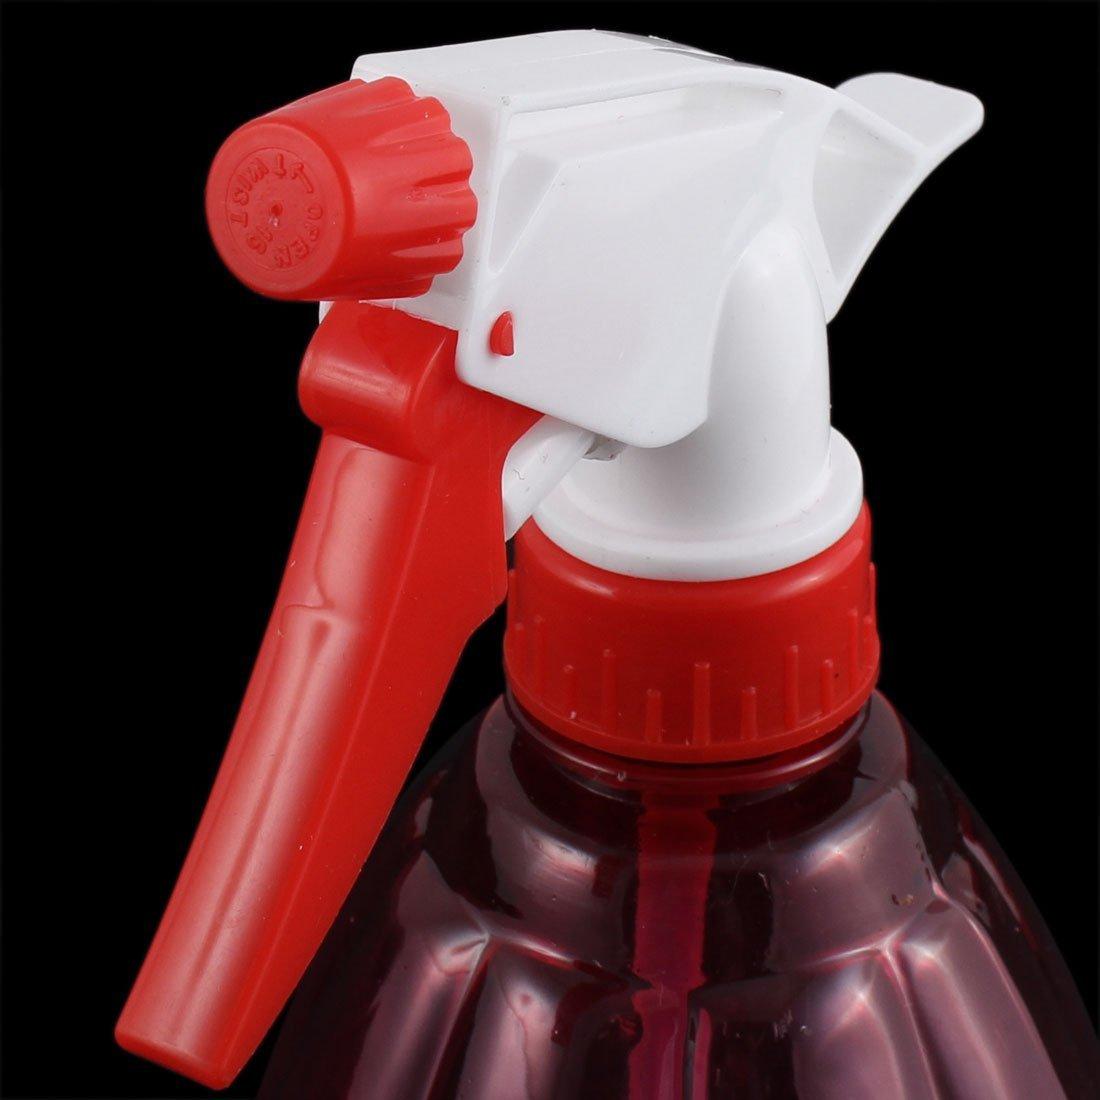 Amazon.com: eDealMax plástico Herramienta Anterior del salón de Pelo plantas de agua del rociador Botella de Spray 530 ml Rojo: Health & Personal Care